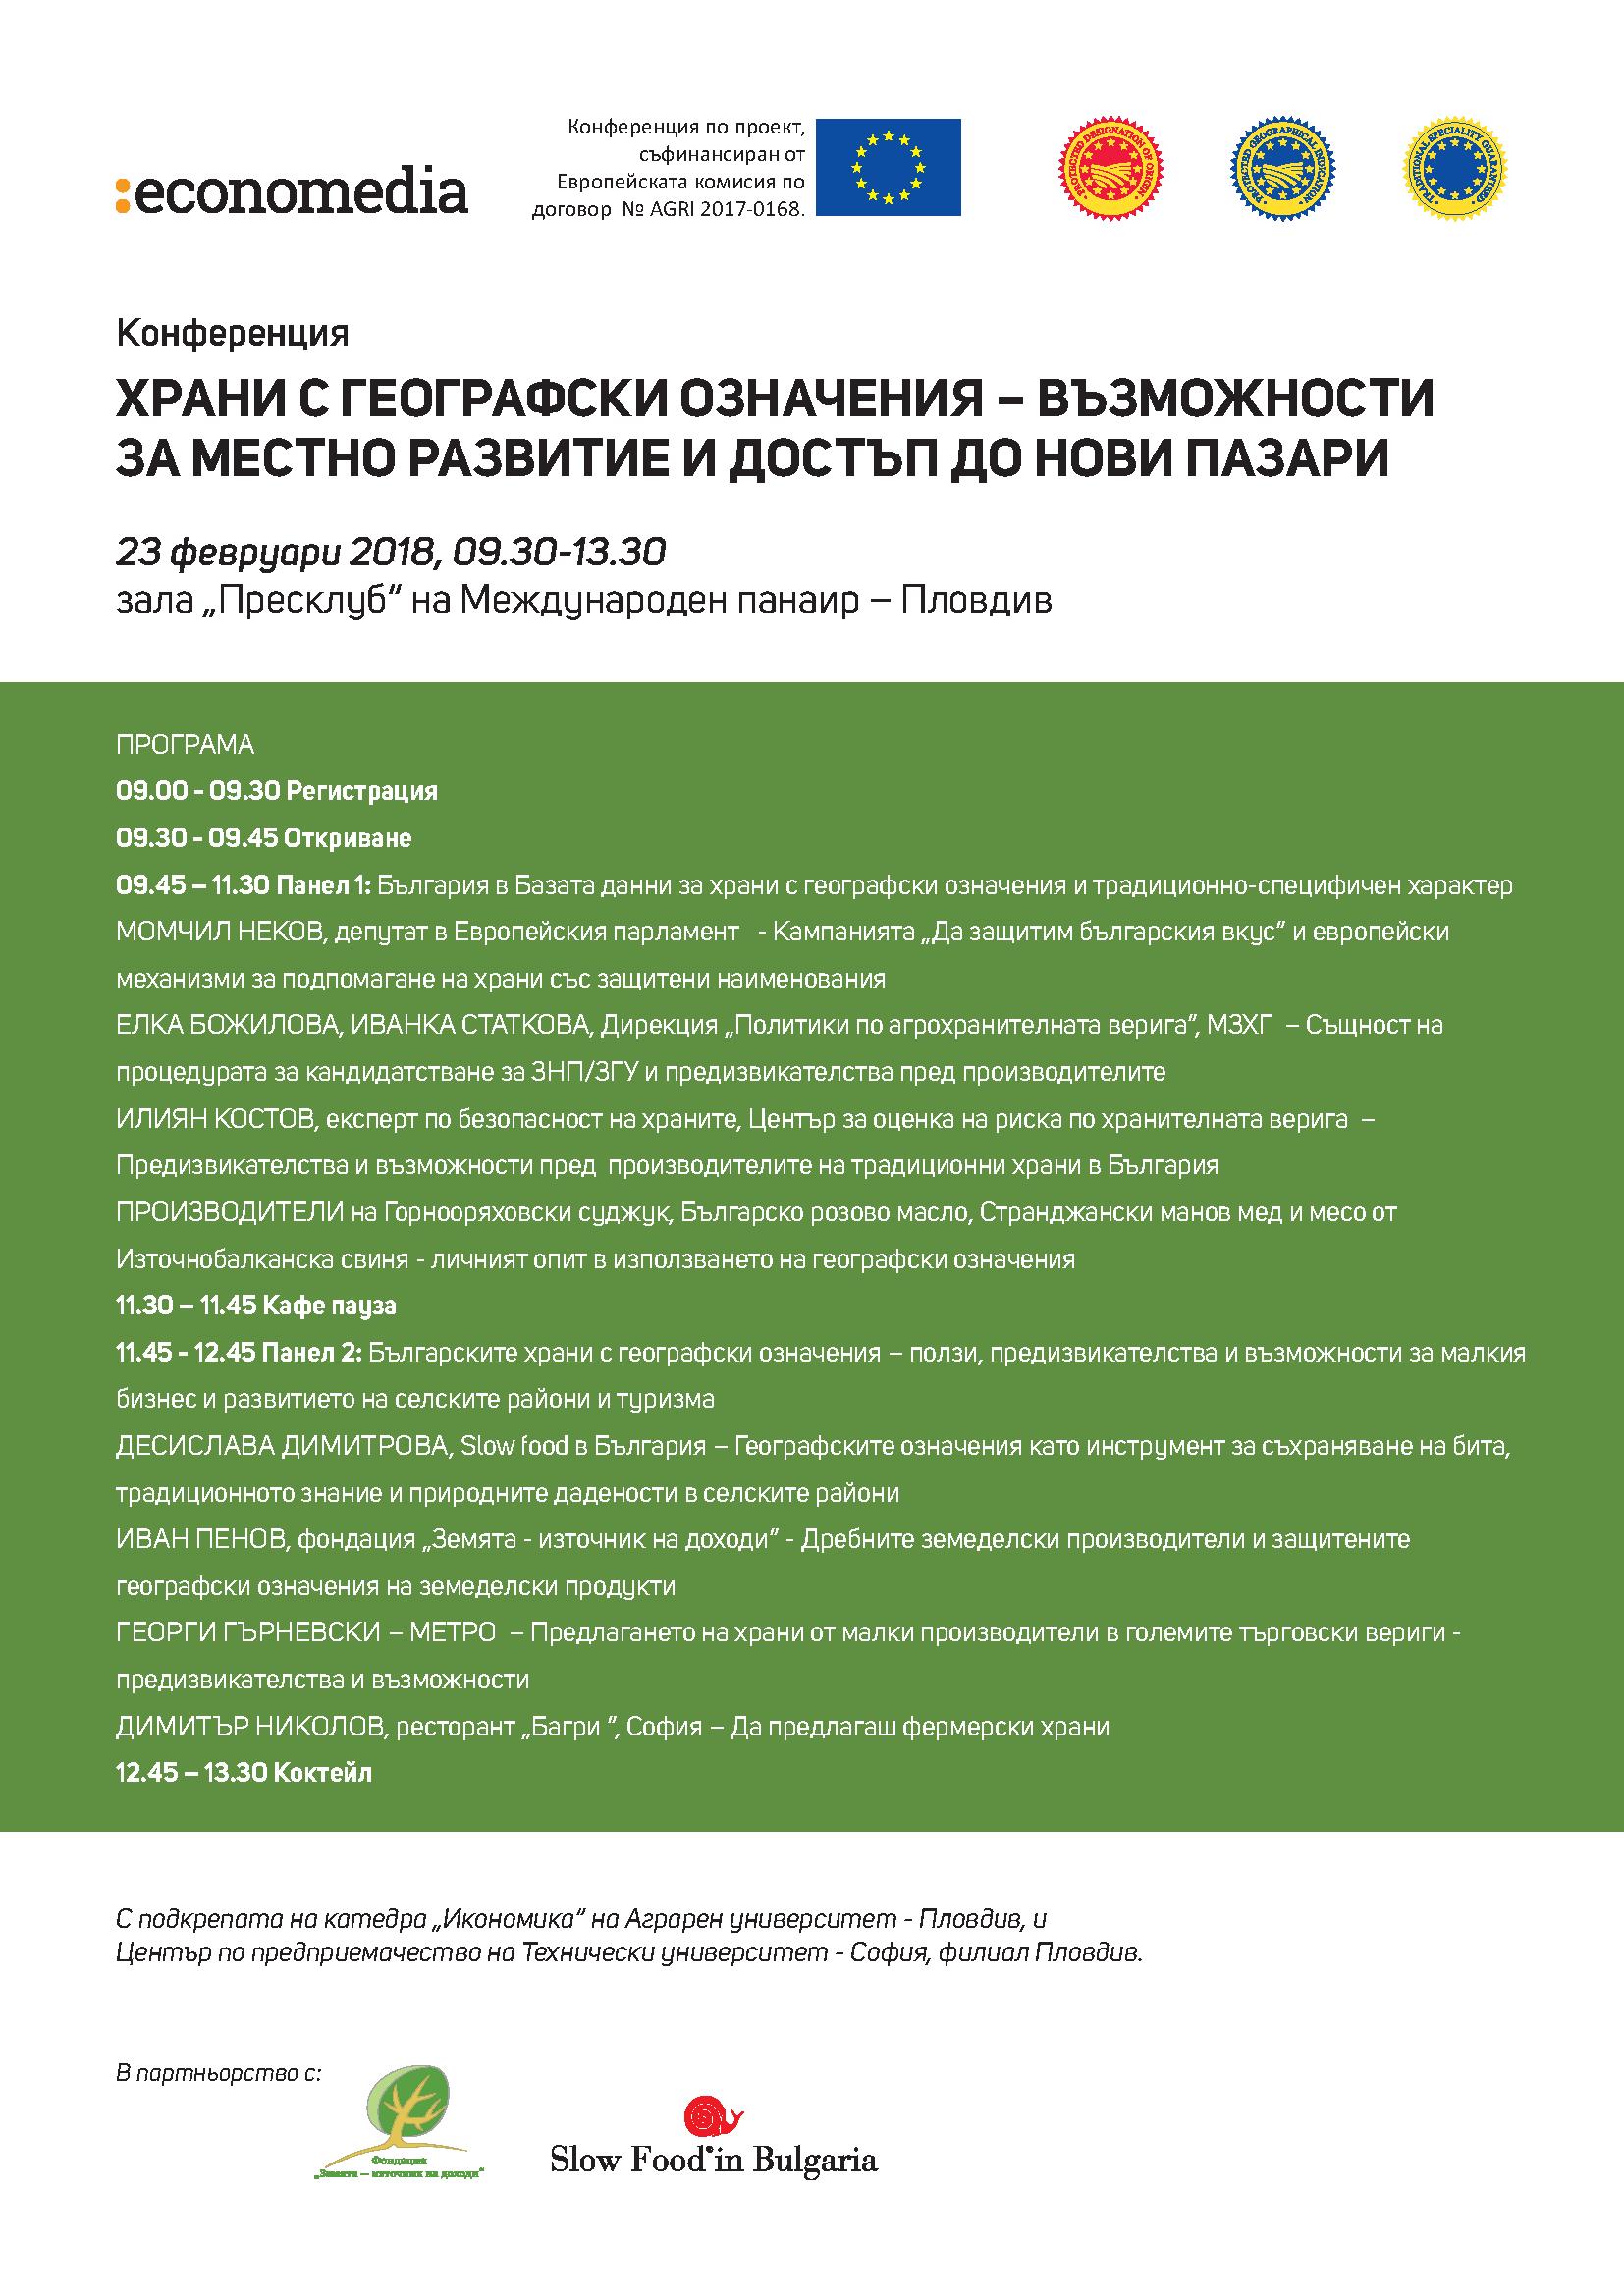 """Конференция на тема """"Храни с географски означения – възможности за местно развитие и достъп до нови пазари"""""""